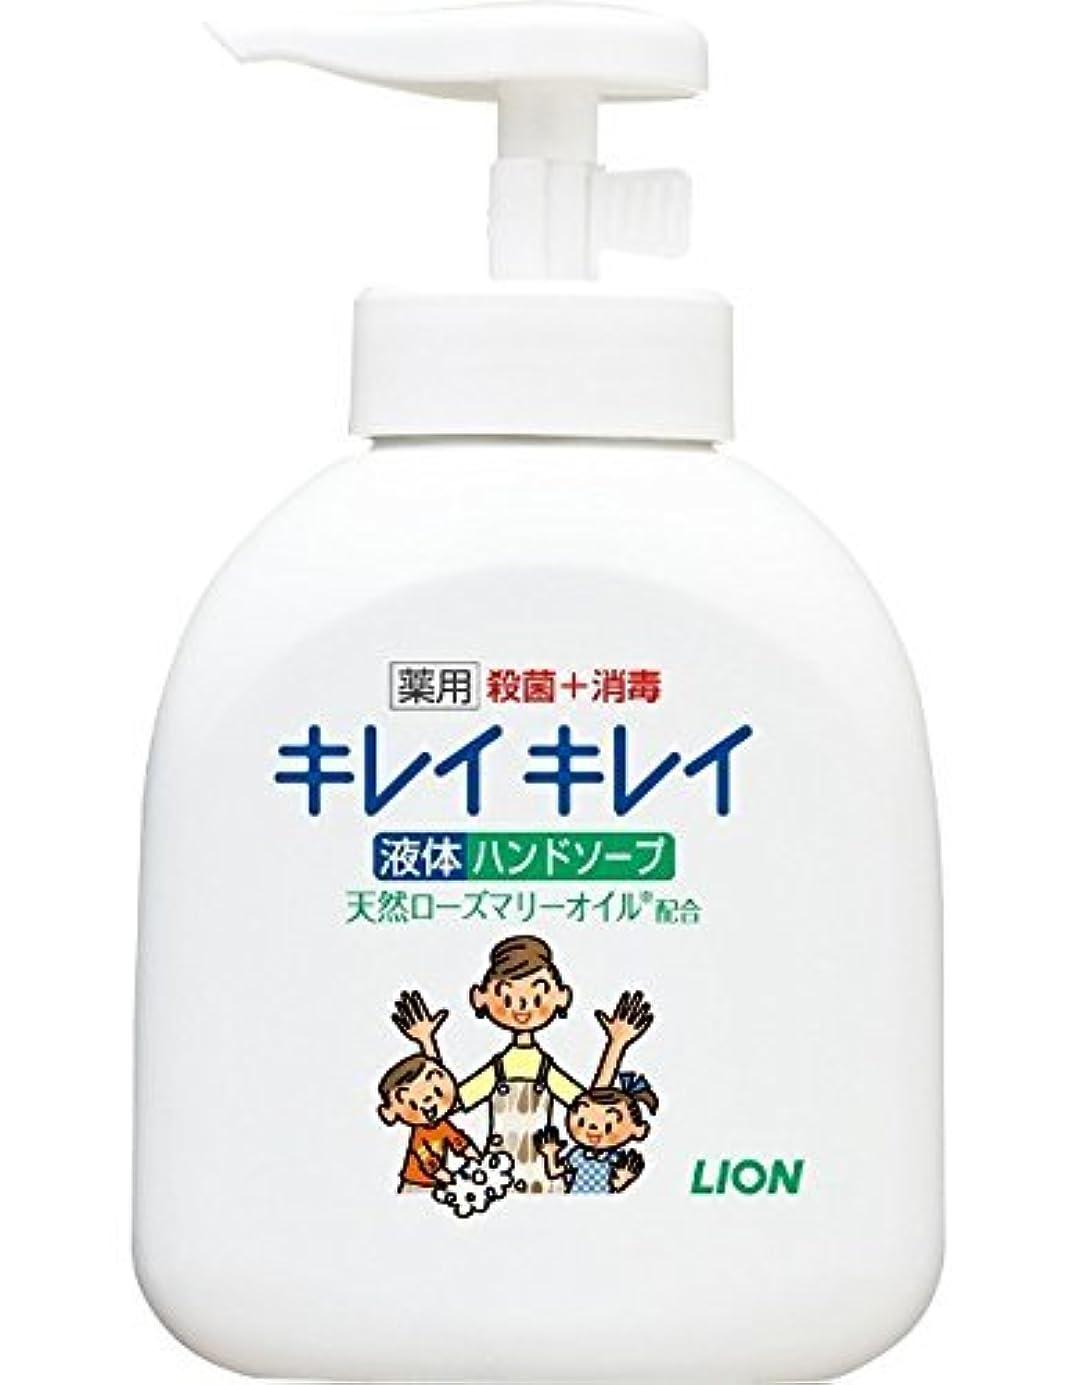 偽造けがをするエイリアス【ライオン】キレイキレイ薬用液体ハンドソープ 本体ポンプ 250ml ×10個セット